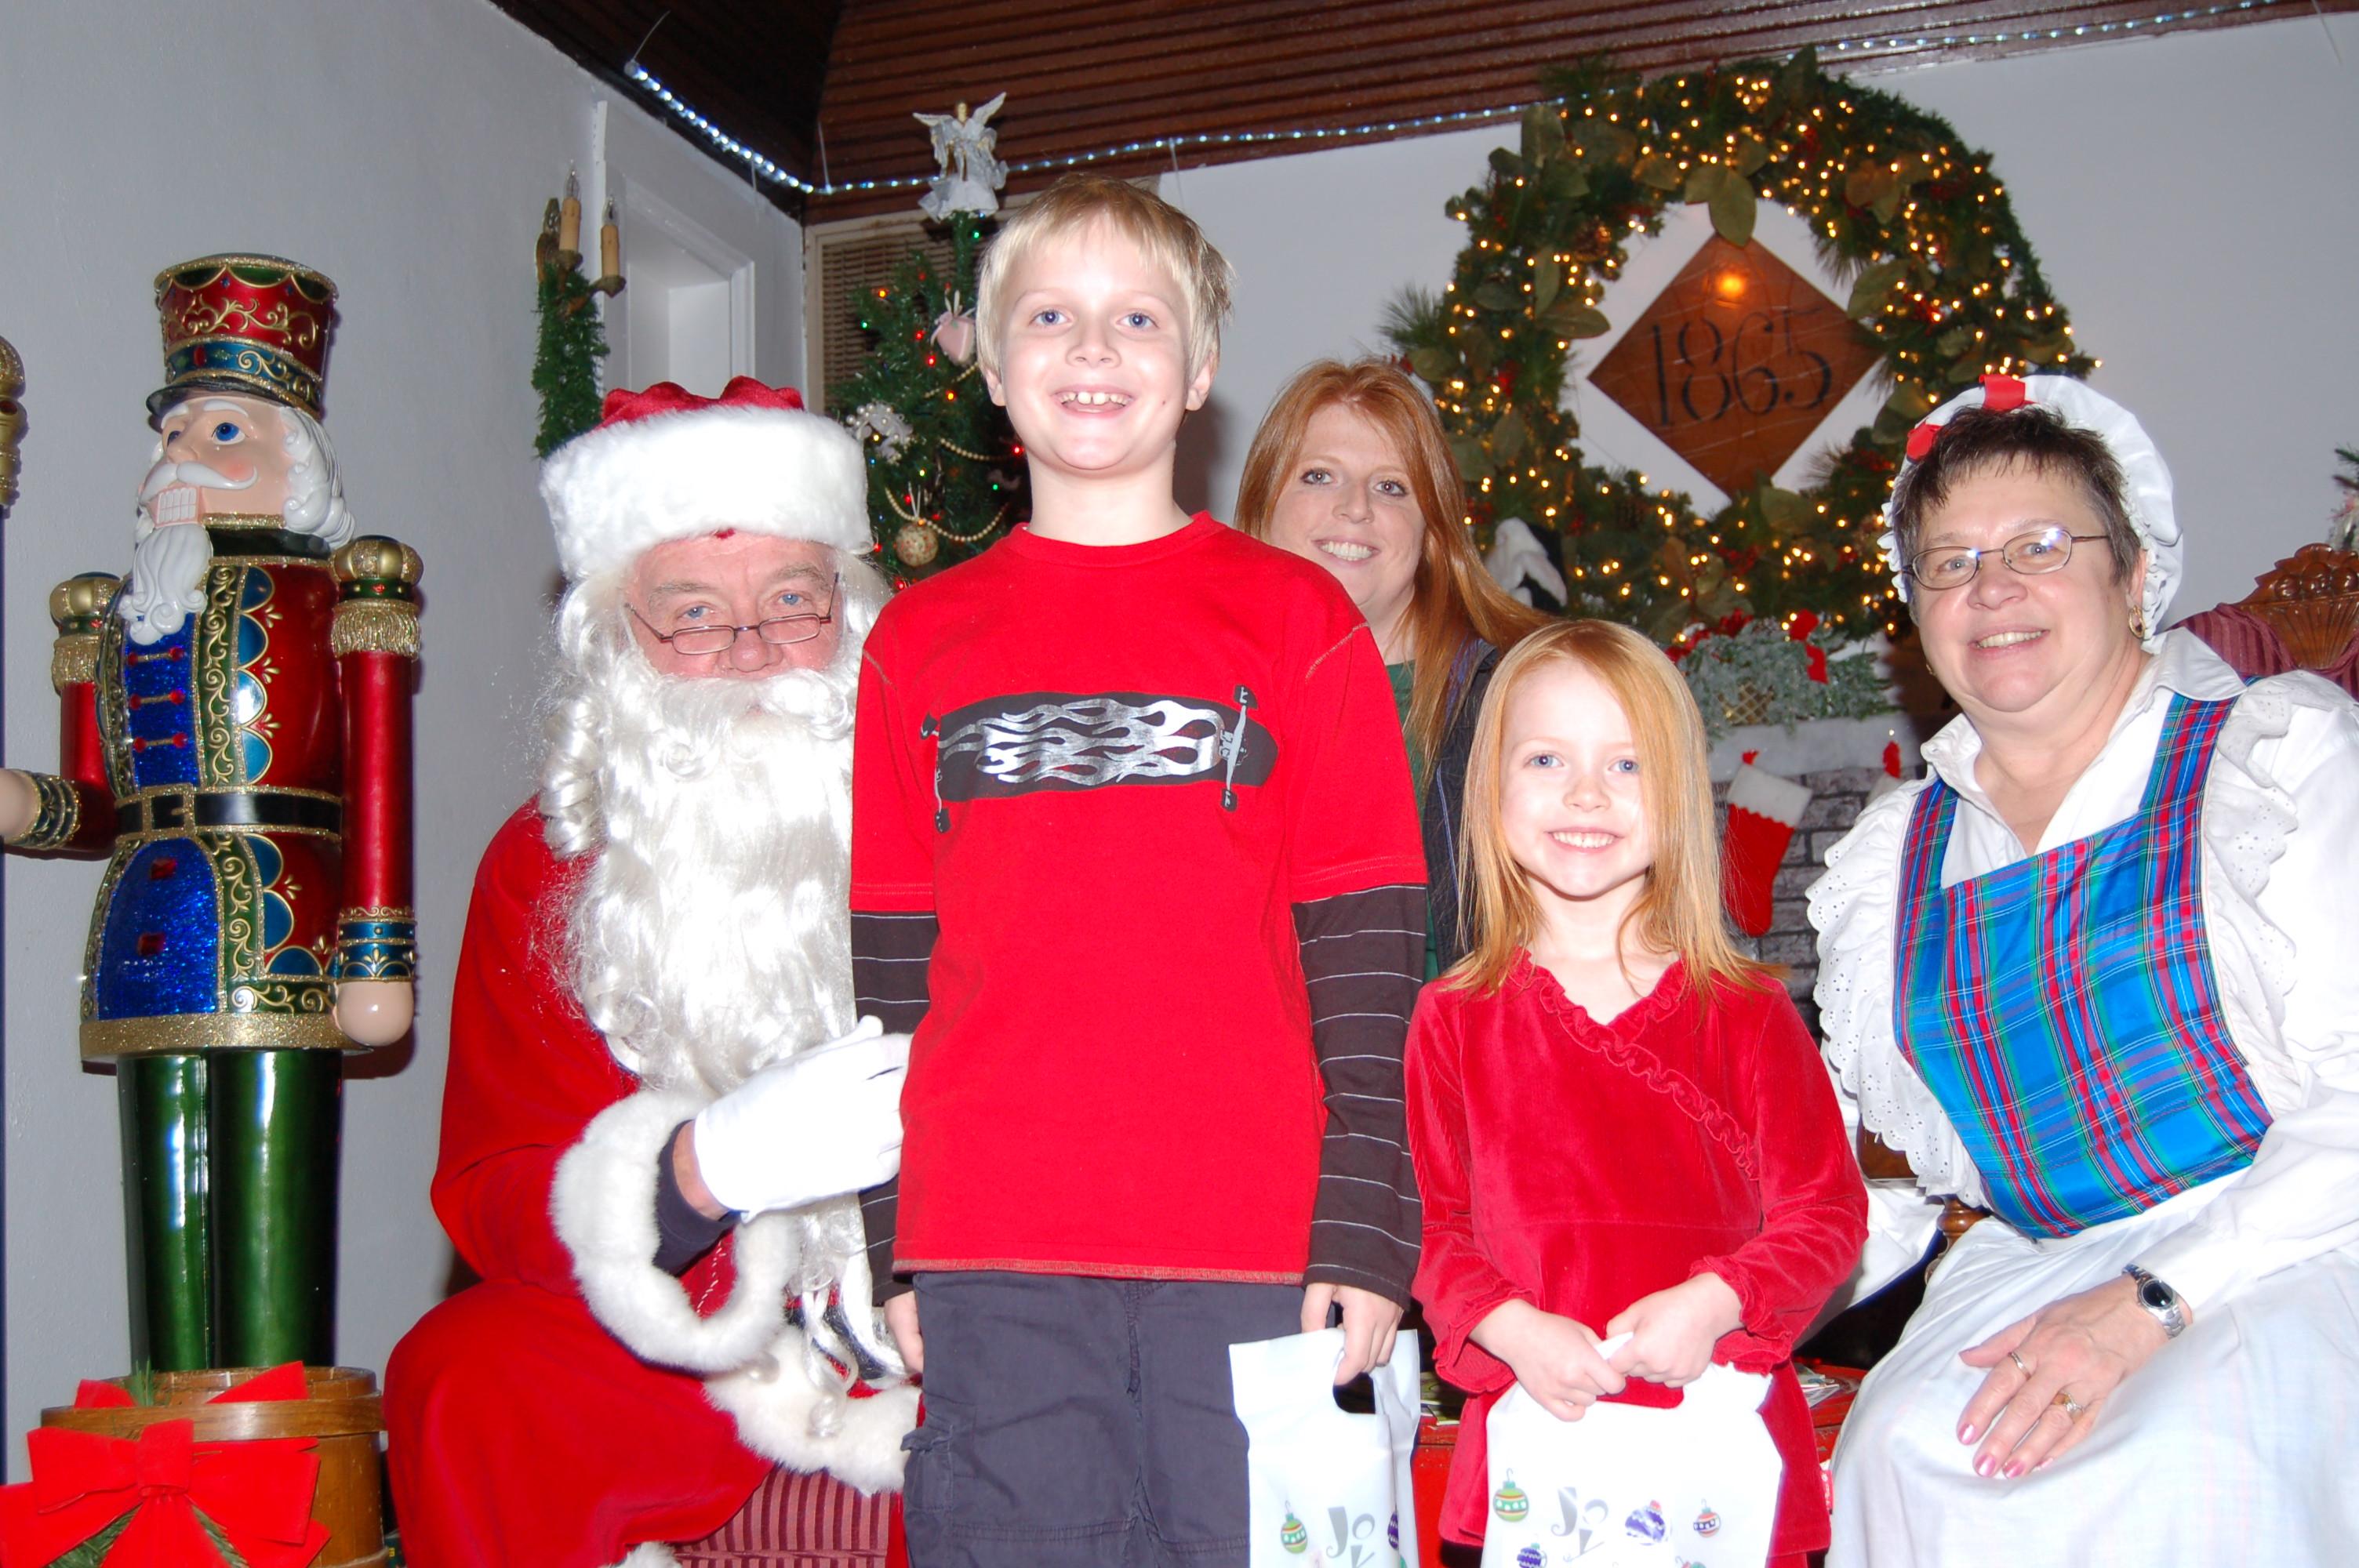 LolliPop+Lane+12-11-2008+Picture+027.jpg